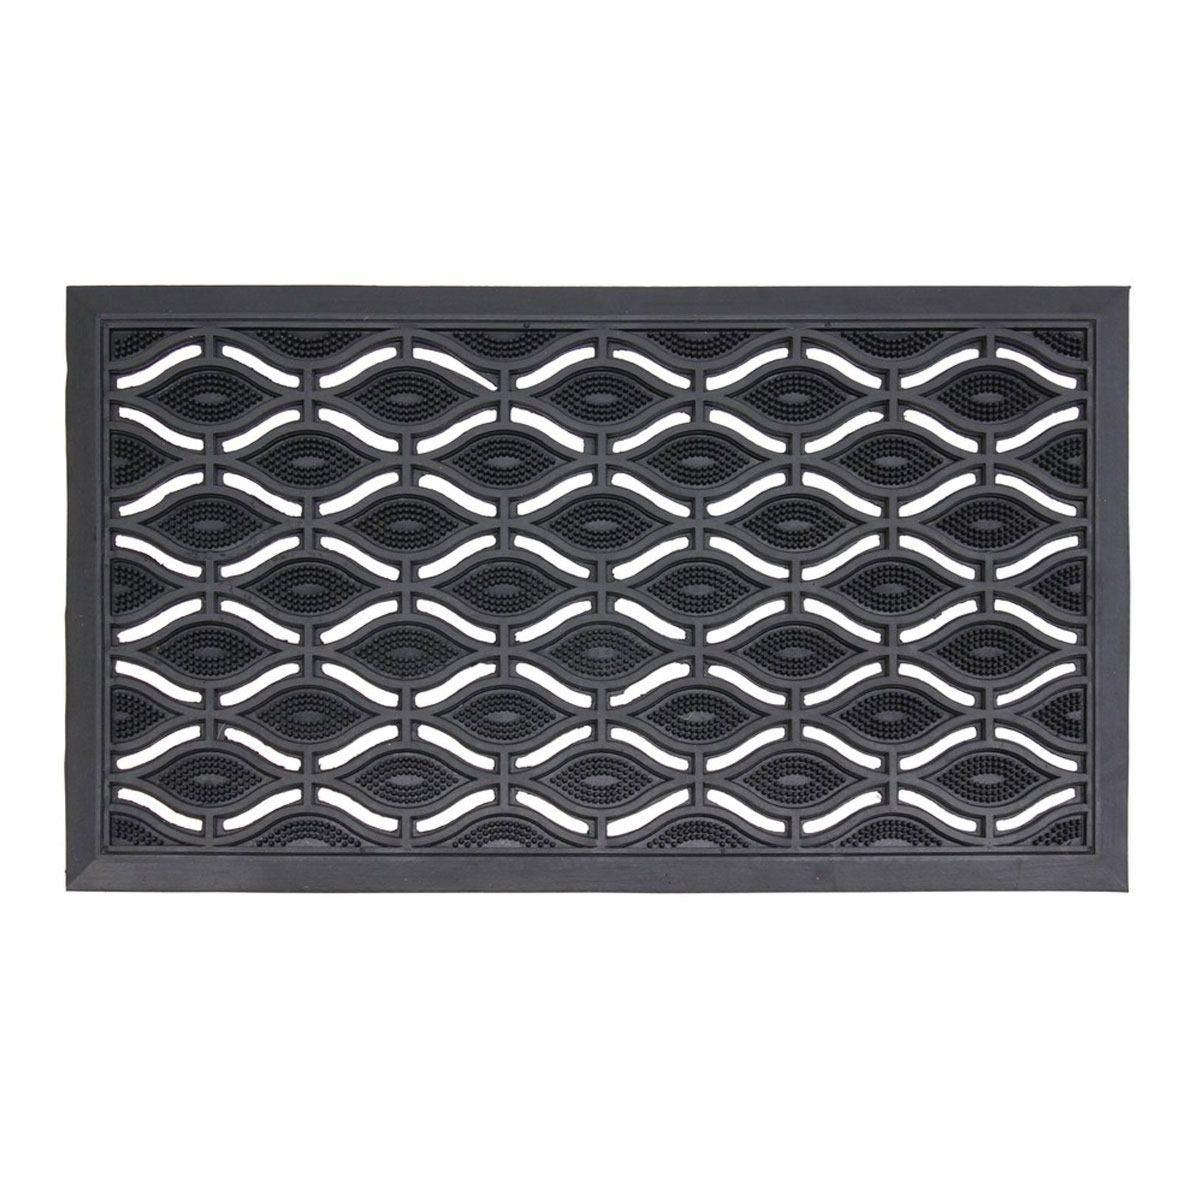 JVL Heavy Duty Ellipse Design Eyes Rubber Floor Door Mat - 40 x 70cm